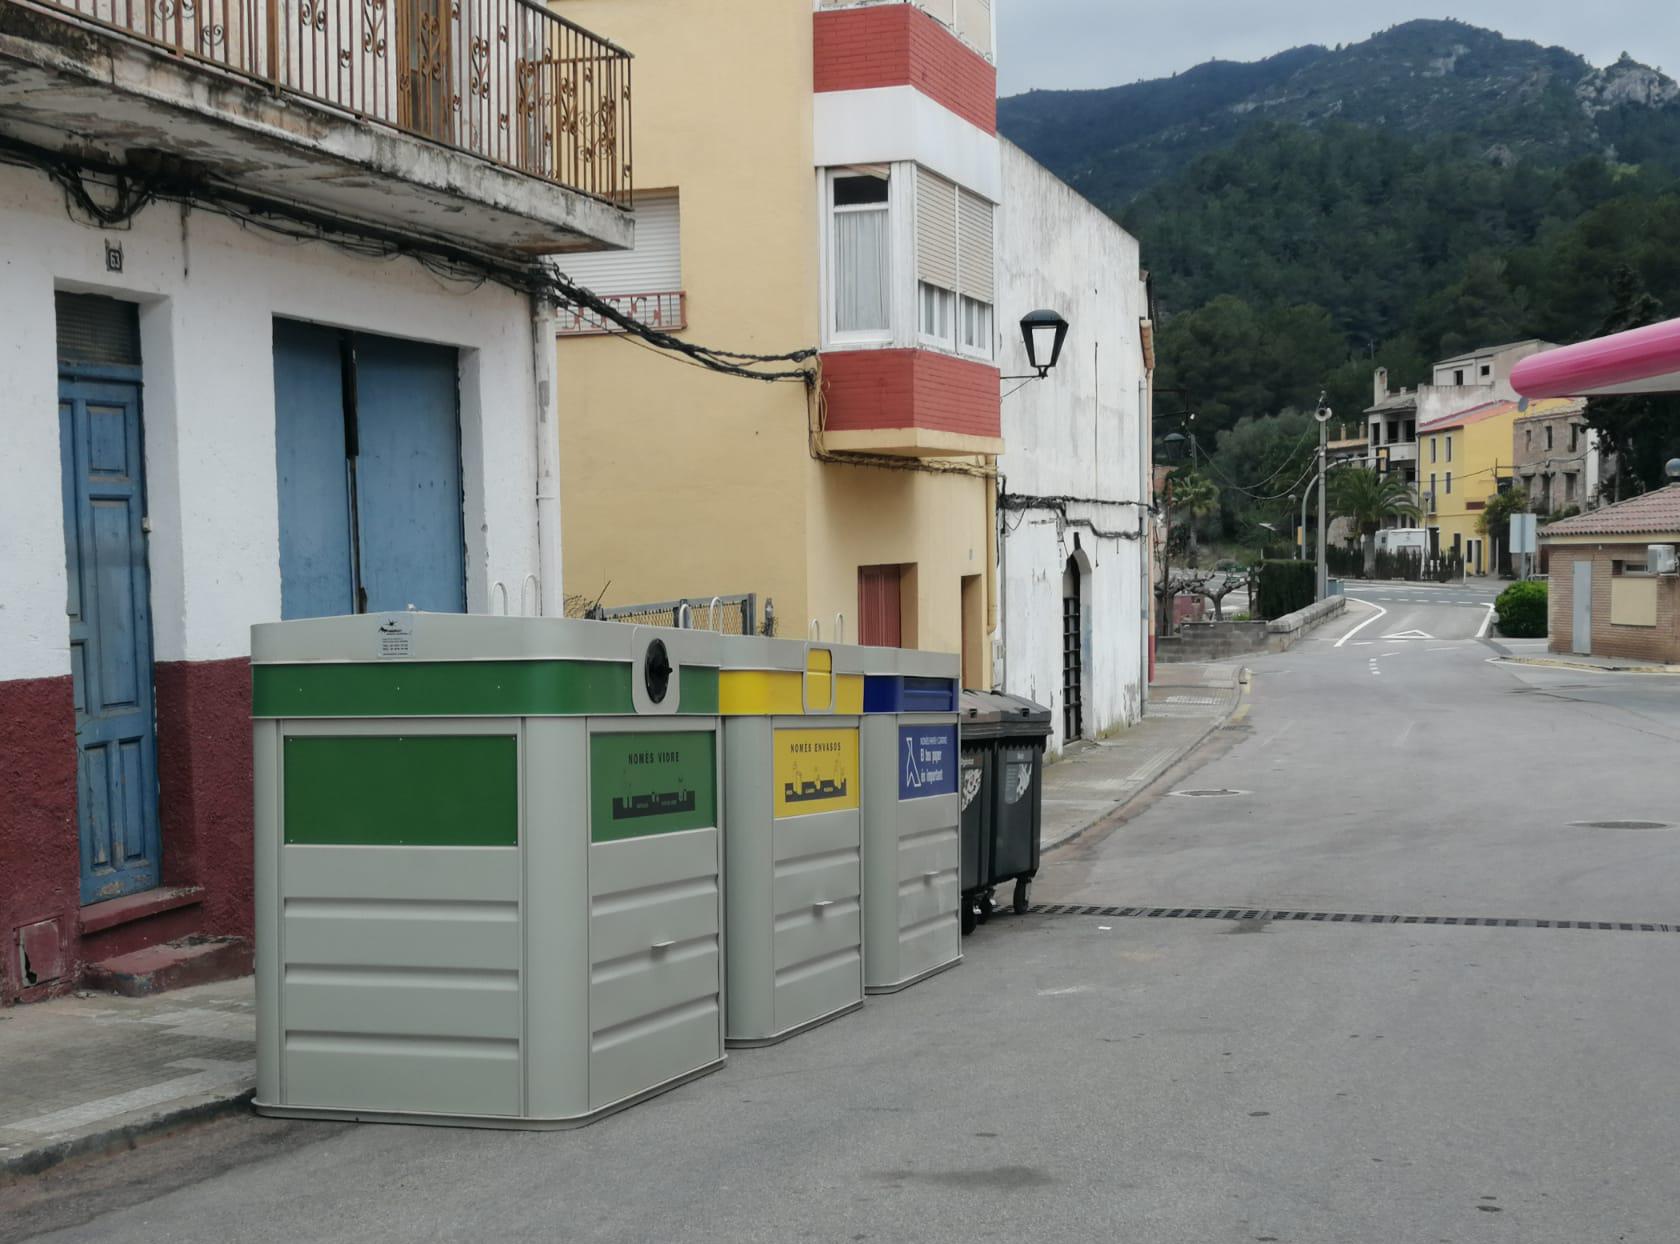 Dues noves àrees de contenidors al poble de Vandellòs